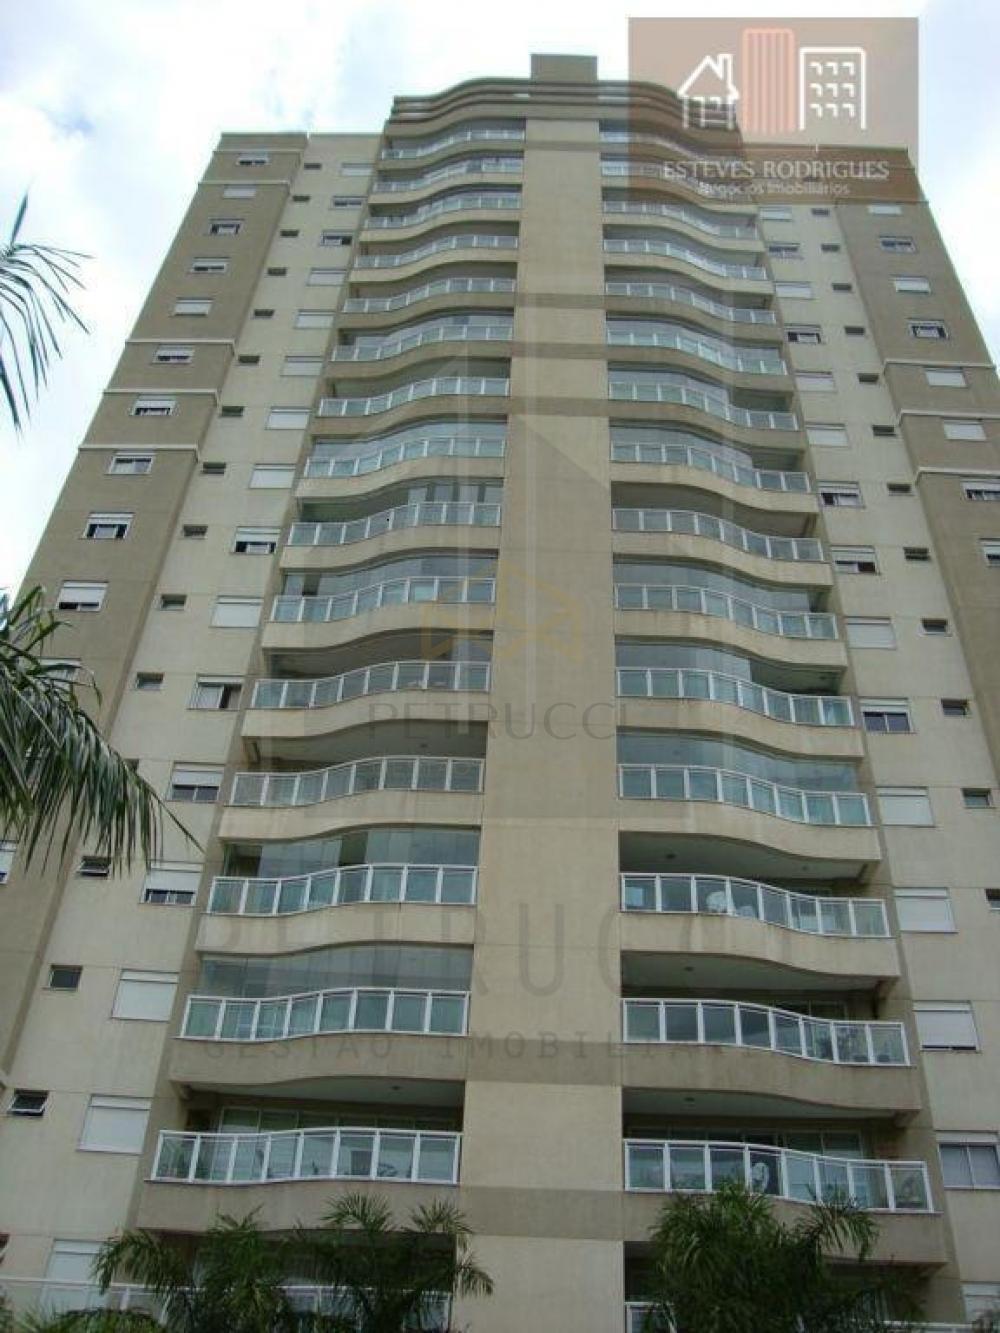 Campinas Apartamento Venda R$1.200.000,00 Condominio R$1.100,00 3 Dormitorios 3 Suites Area construida 134.00m2